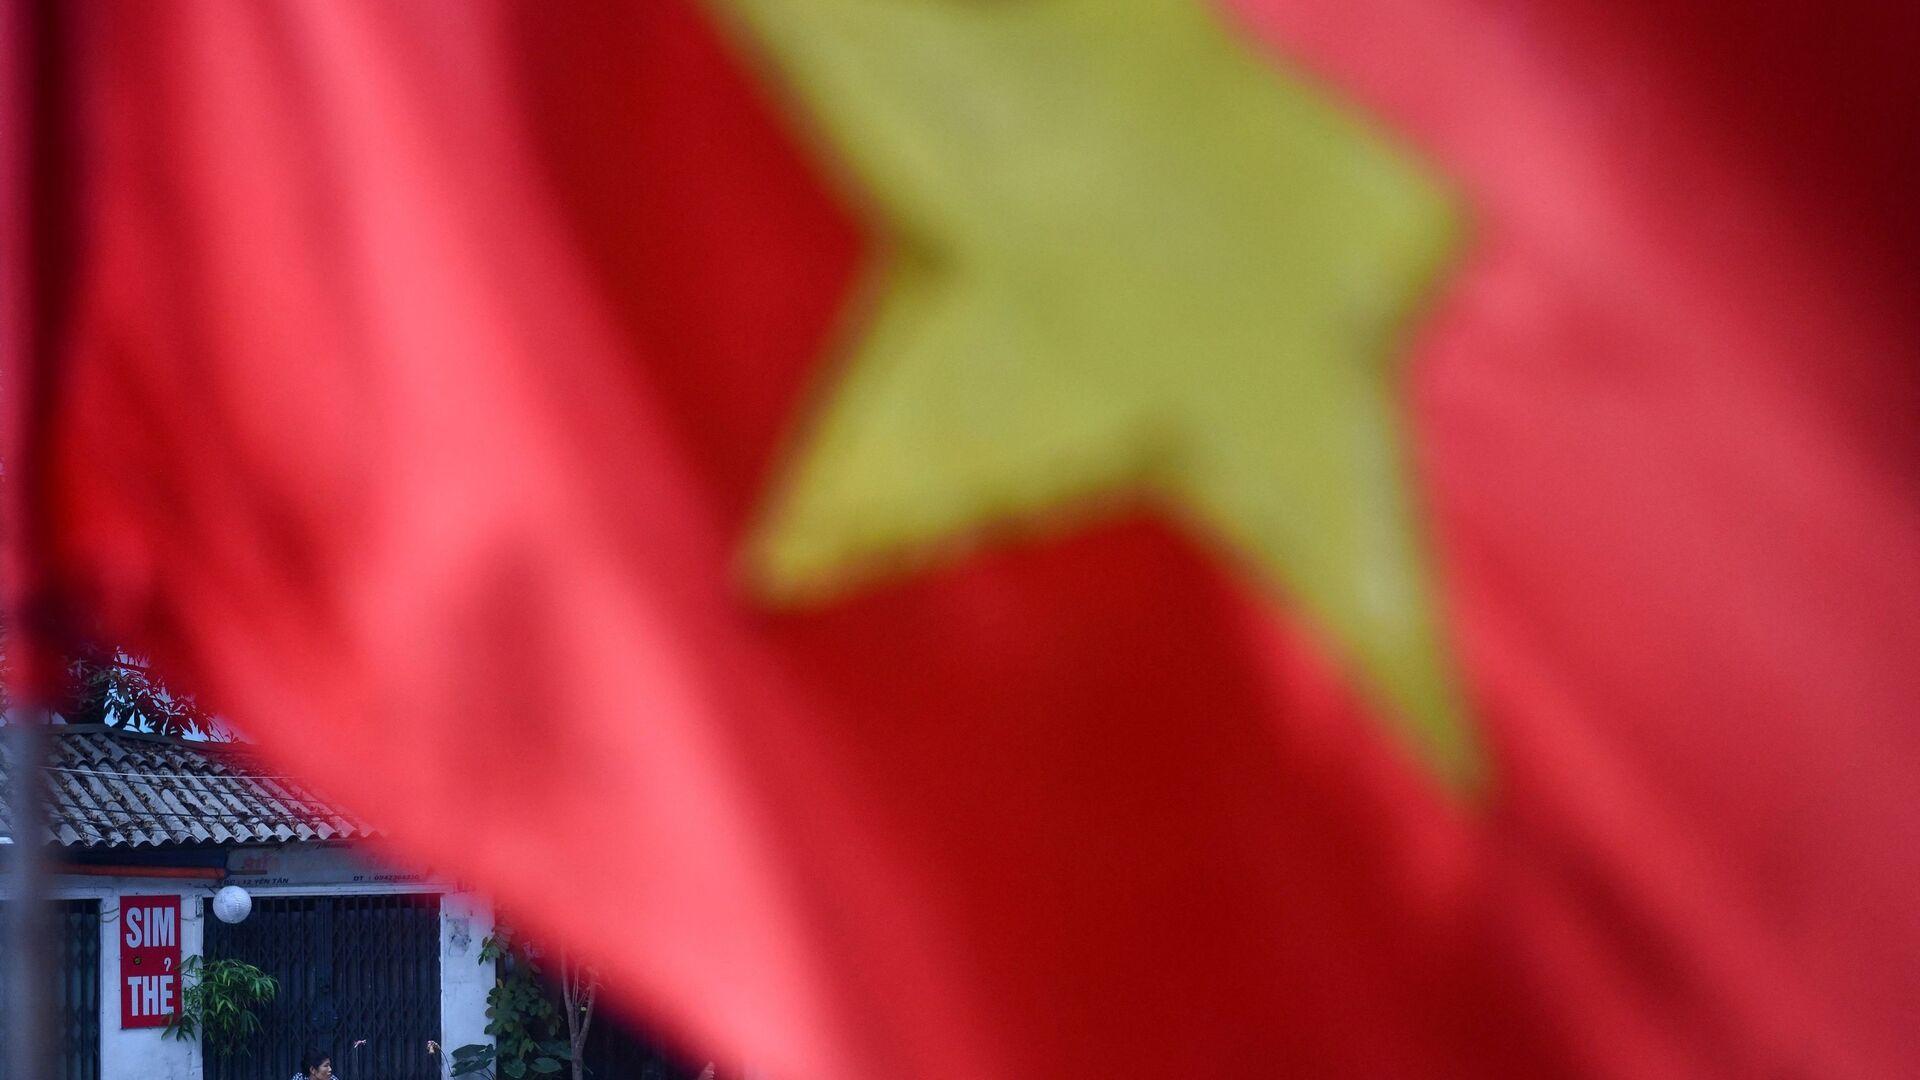 Cột cờ Việt Nam, Hà Nội. - Sputnik Việt Nam, 1920, 28.09.2021